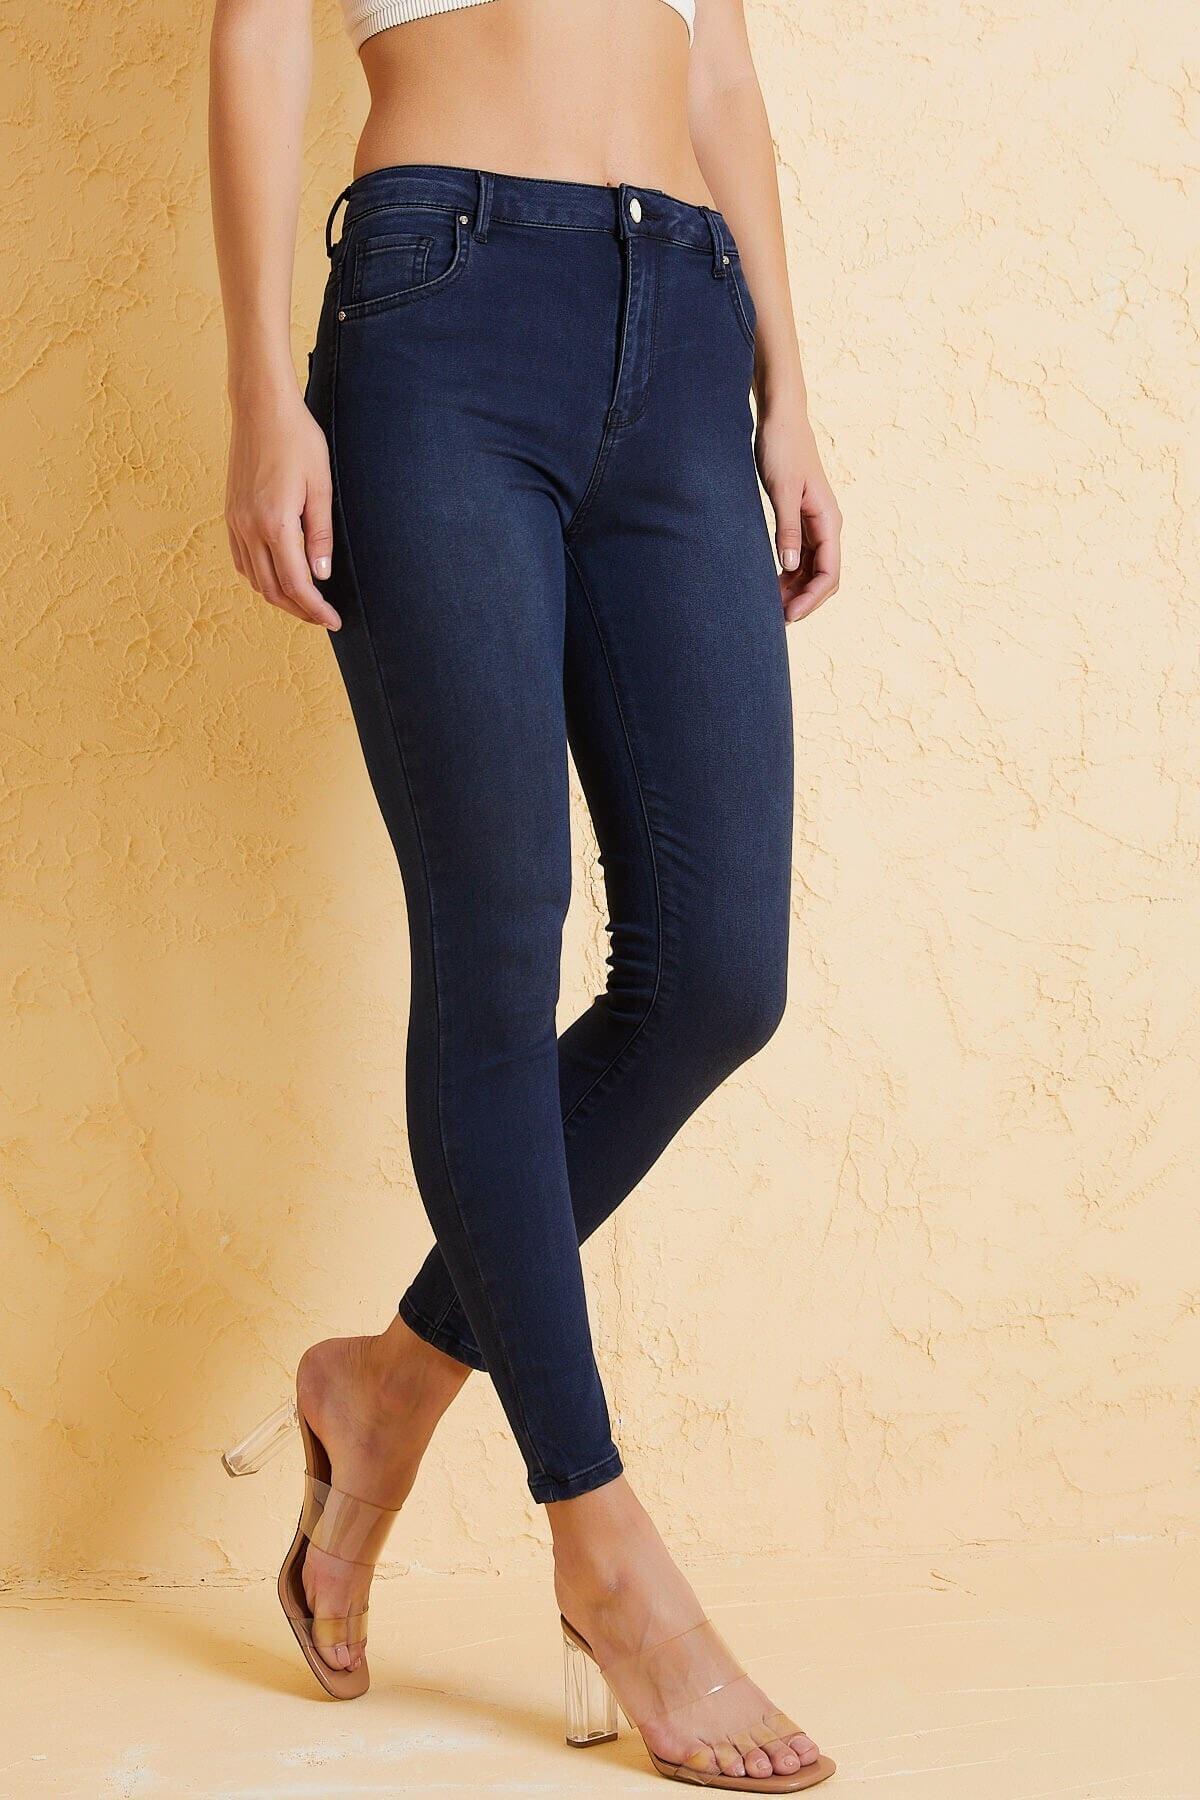 Twister Jeans Kadın Çok Yüksek Bel Pantolon 2